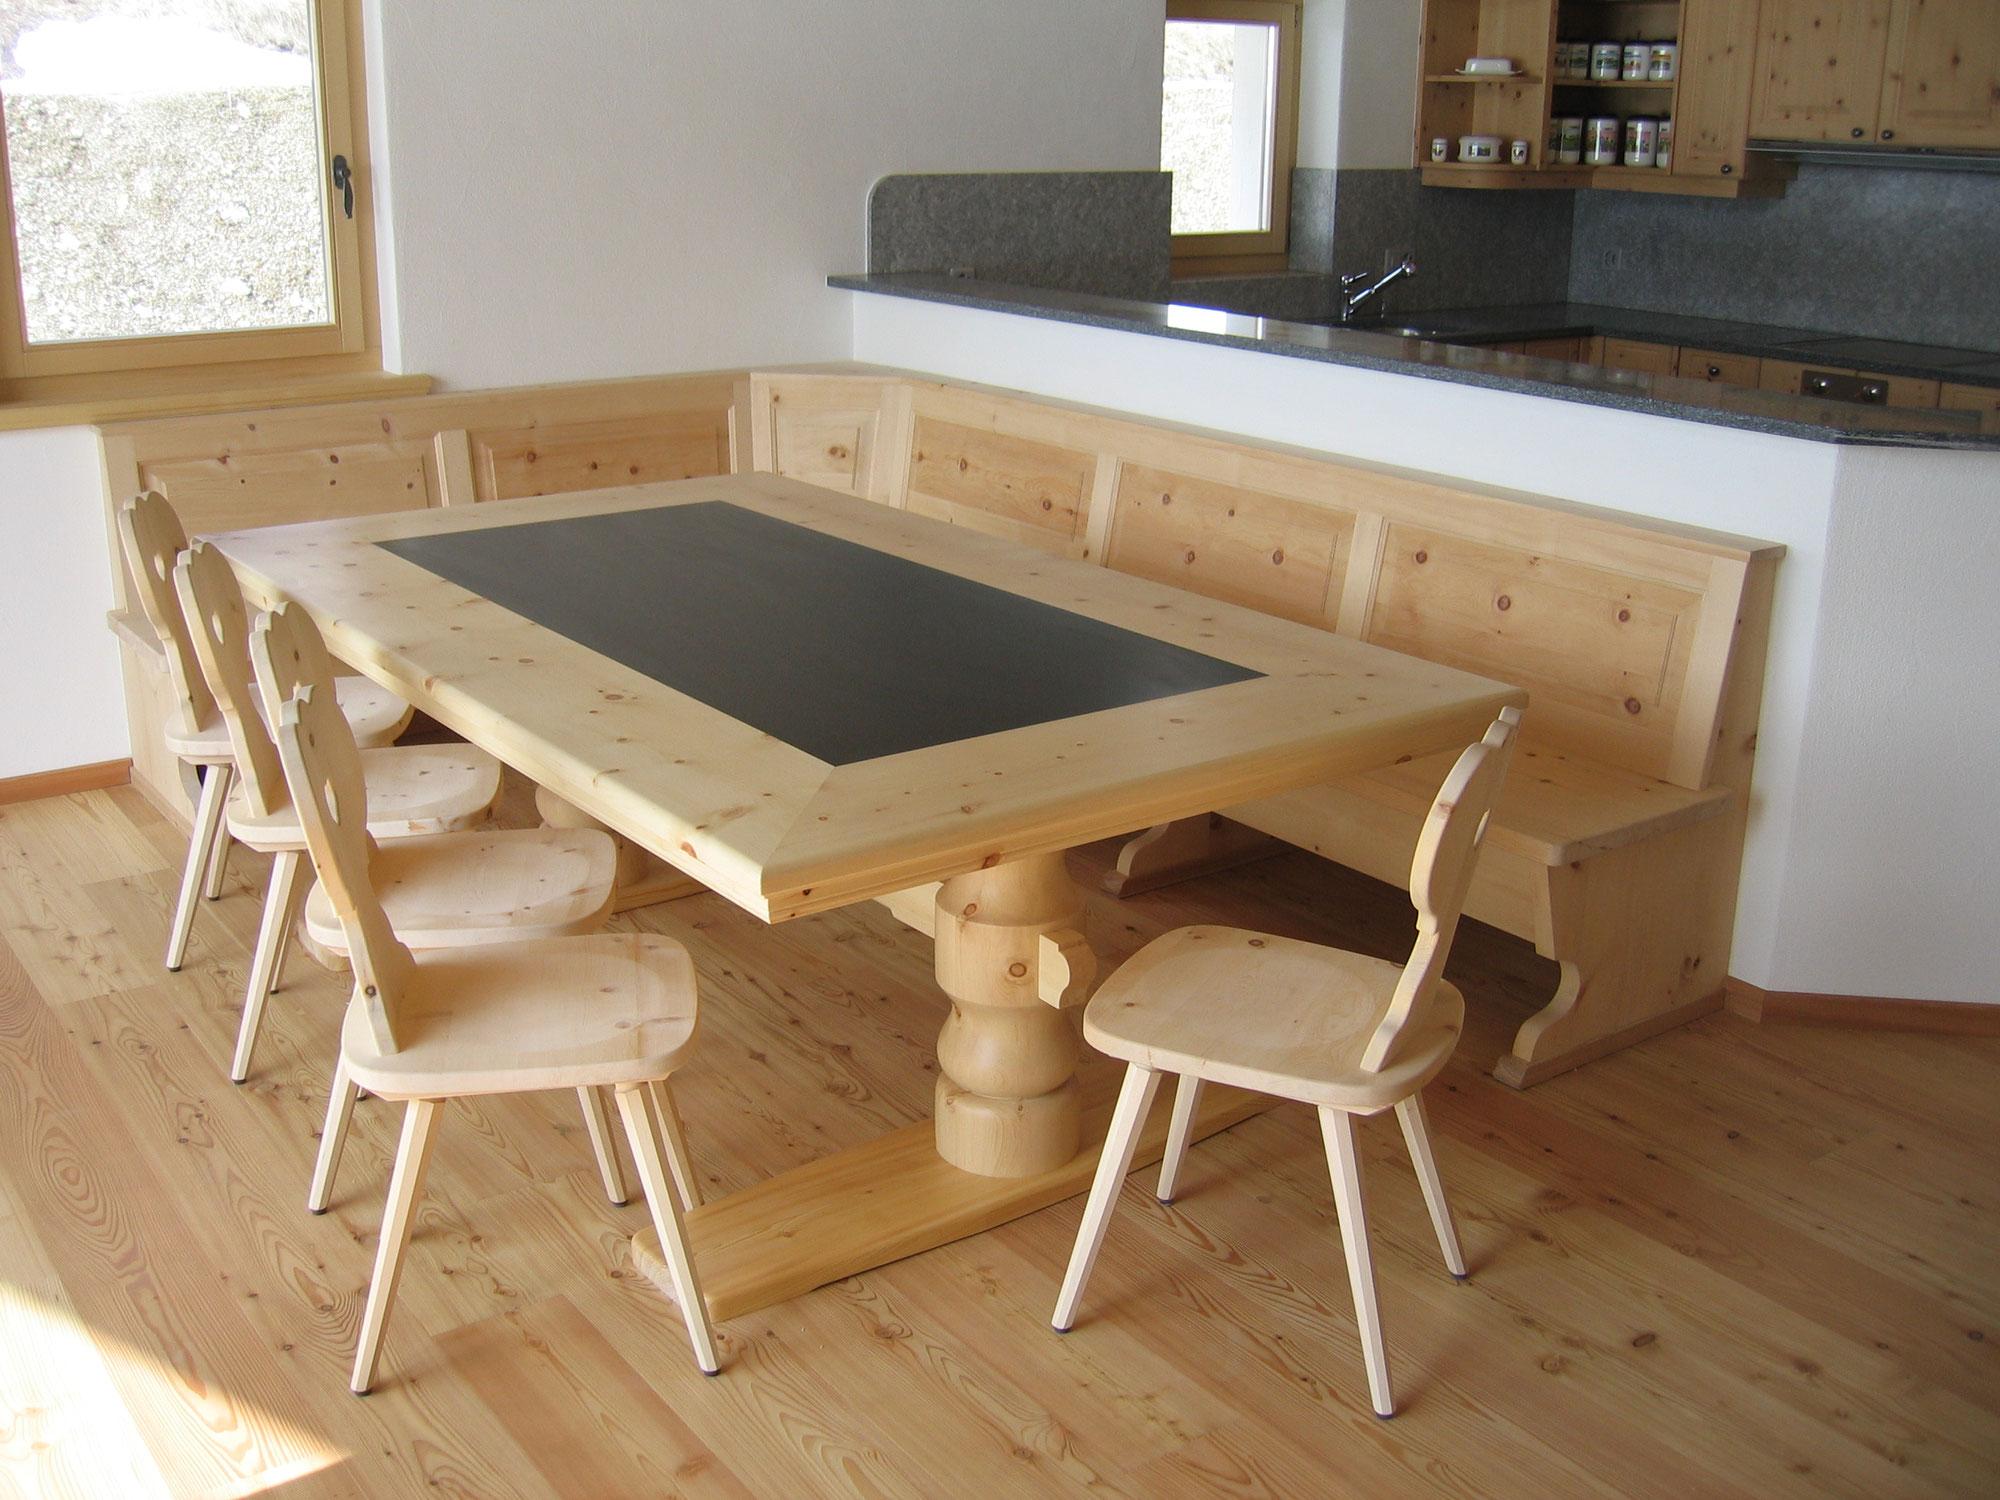 m bel die freude machen ob k che wohnzimmer bad t r fenster neu oder renoviert alles. Black Bedroom Furniture Sets. Home Design Ideas